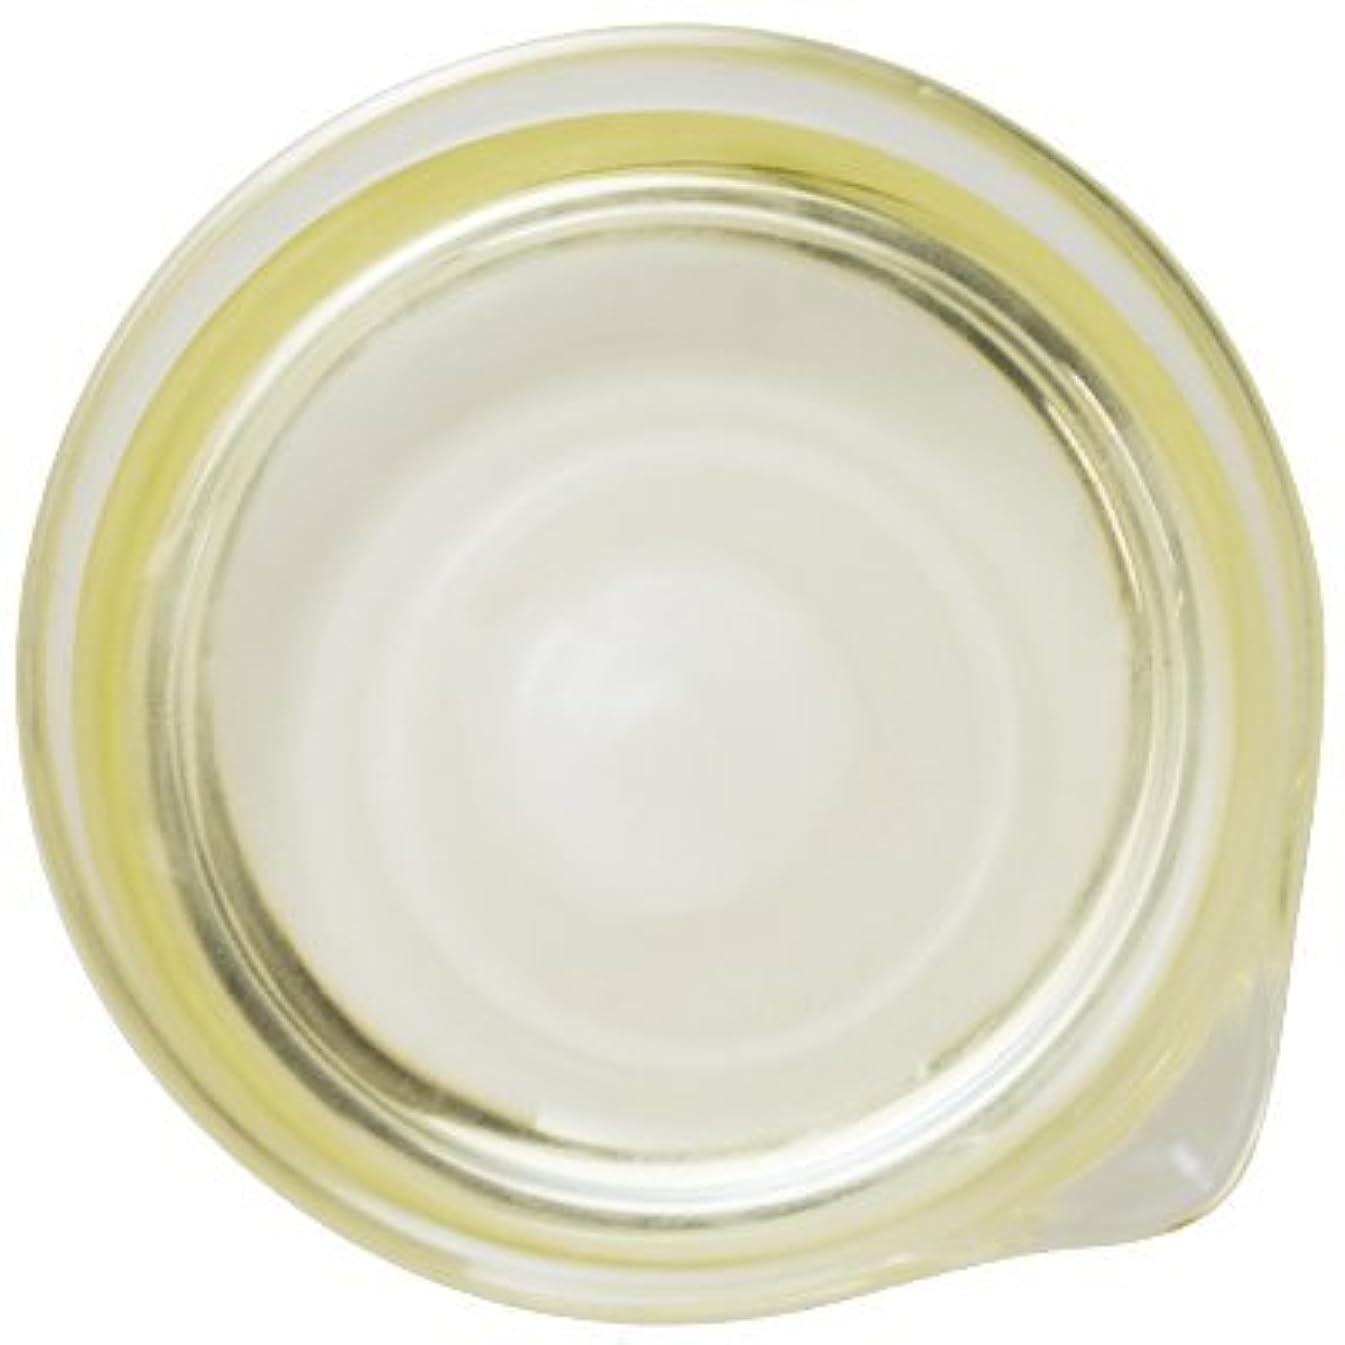 ジョージハンブリーキャンディーセブンセサミオイル 250ml [白ごま油]【手作り石鹸/手作りコスメ/ごま油】【birth】